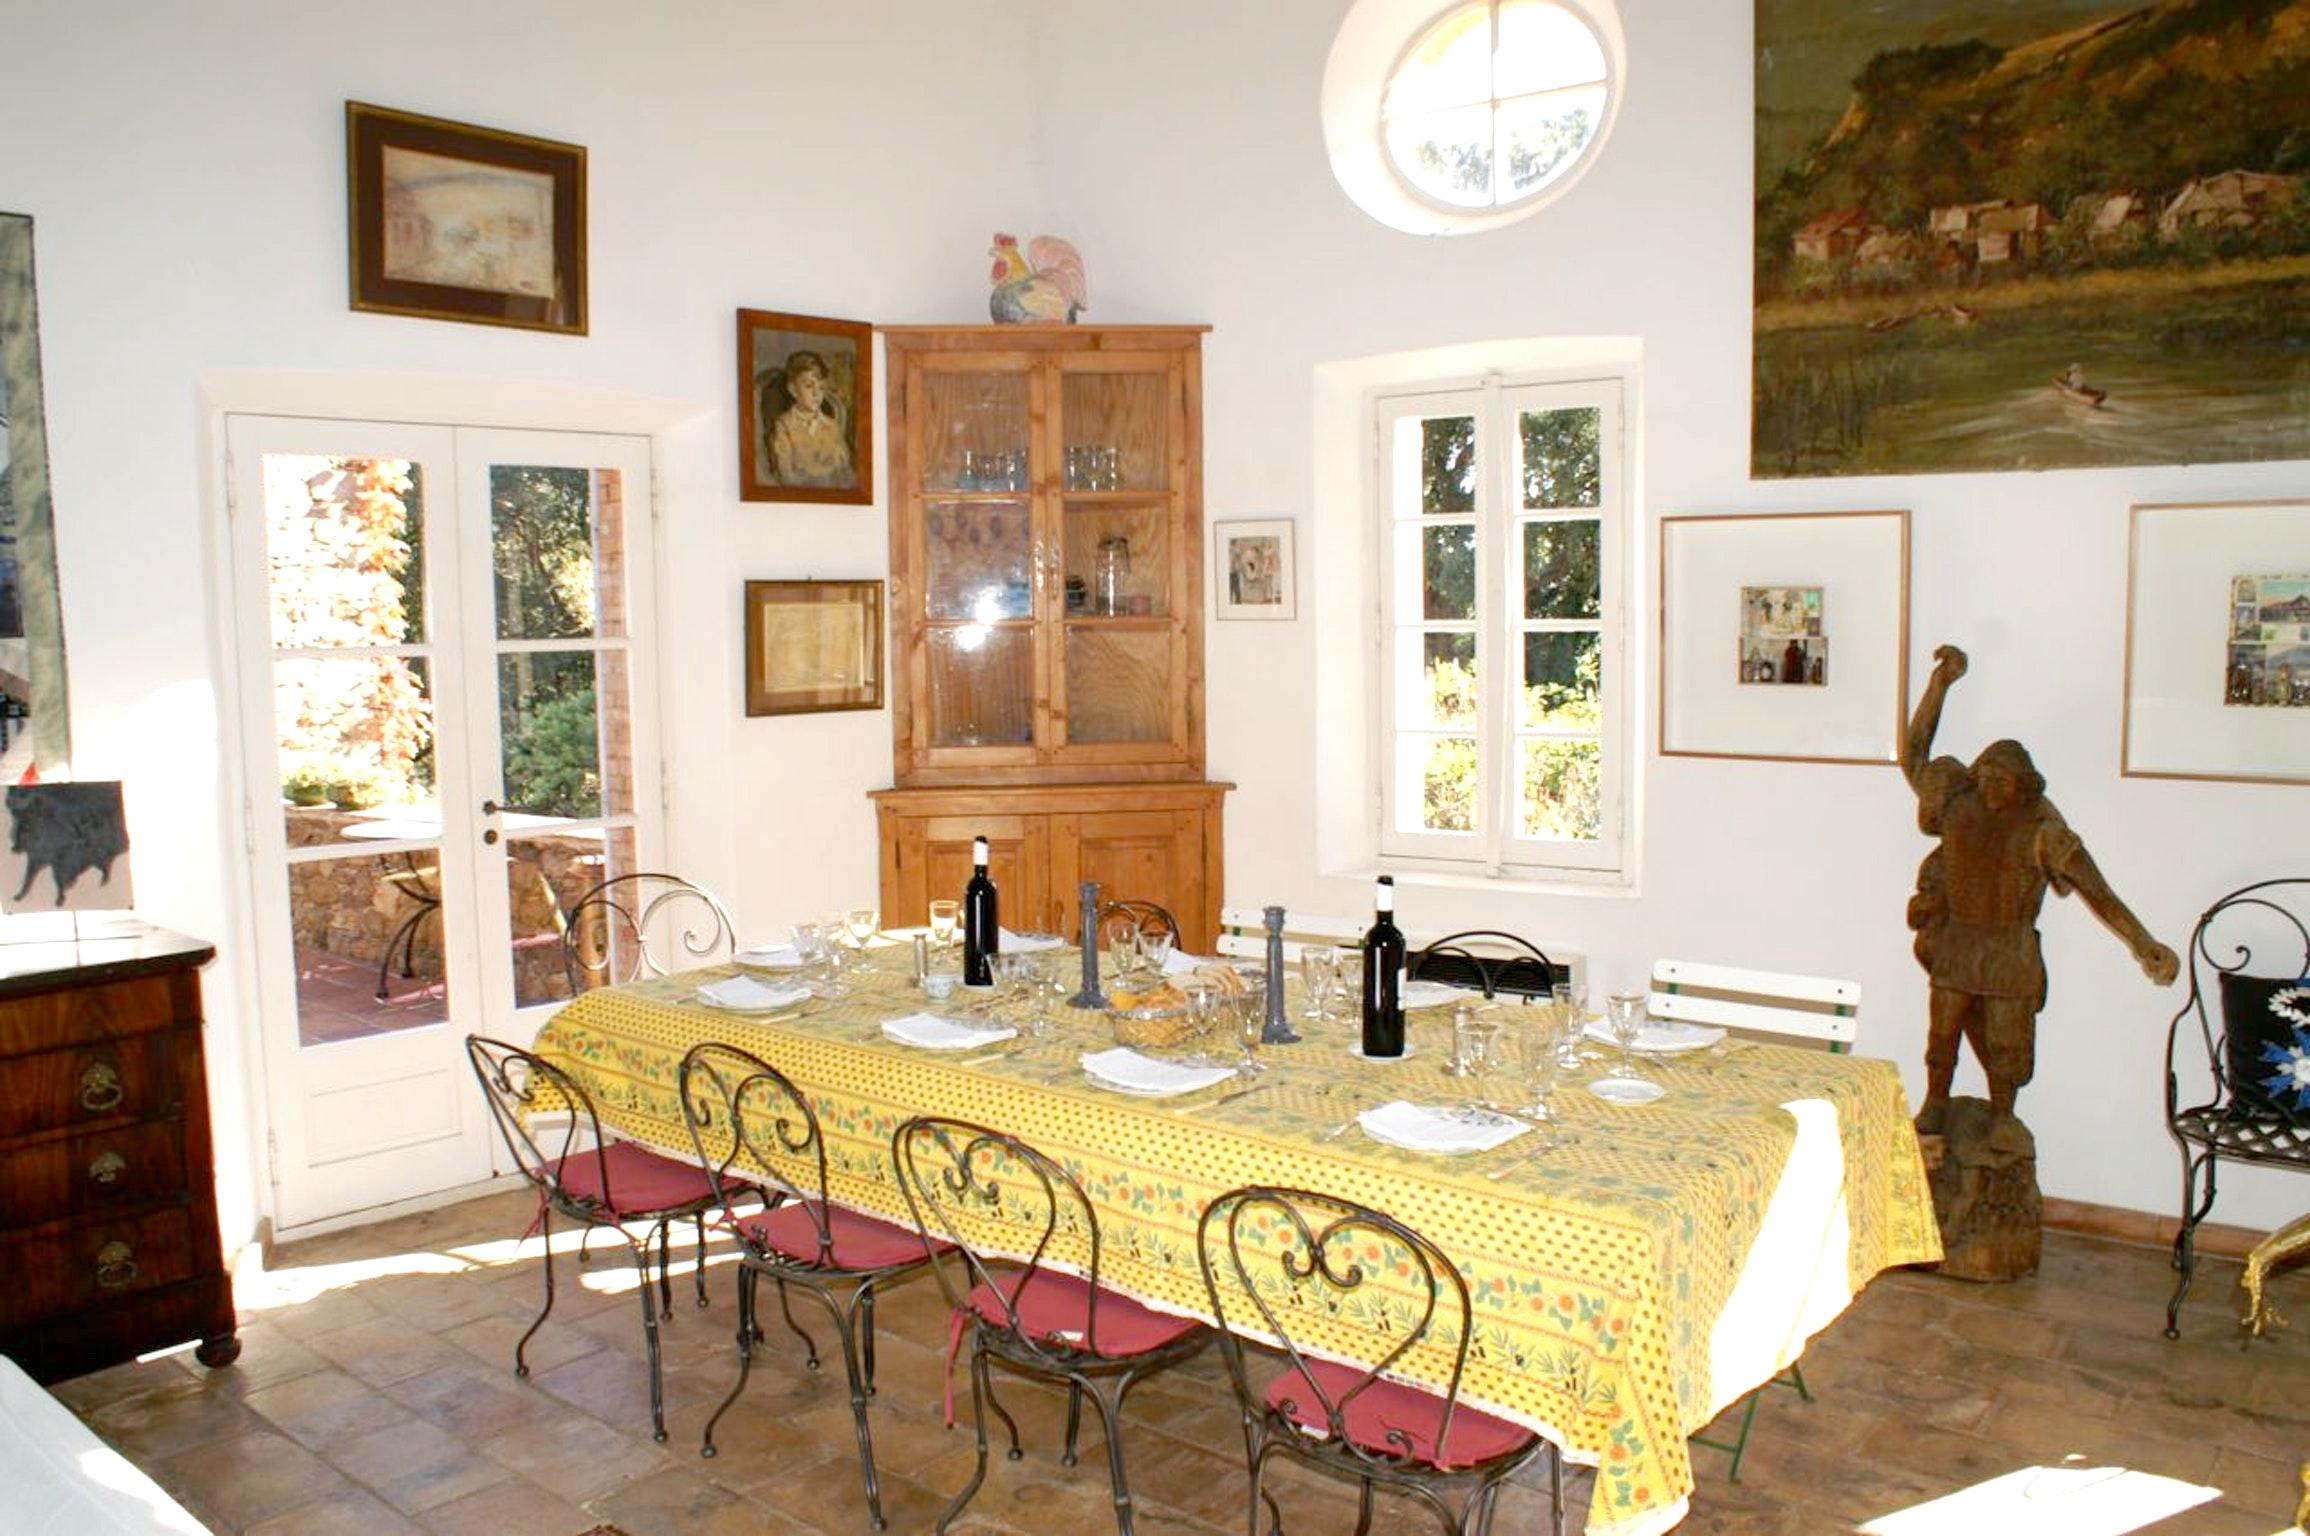 Maison de vacances Villa mit 5 Zimmern in La Garde-Freinet mit privatem Pool, Garten und W-LAN - 20 km vom St (2339879), La Garde Freinet, Côte d'Azur, Provence - Alpes - Côte d'Azur, France, image 15